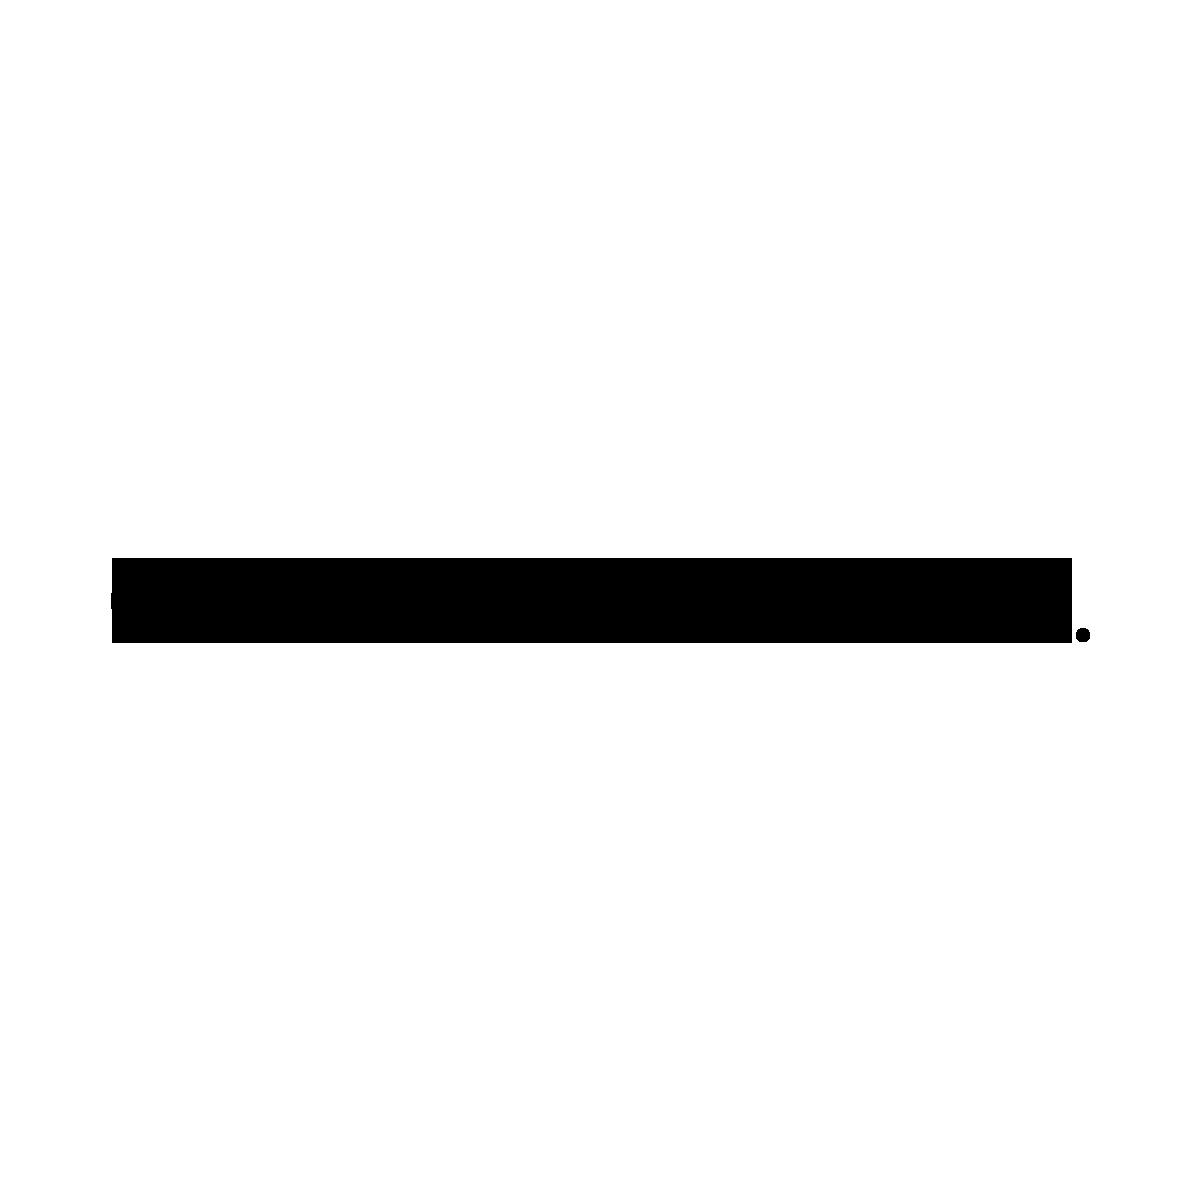 fred de la bretoniere luxe enkellaars zwart 183010042 detail zool